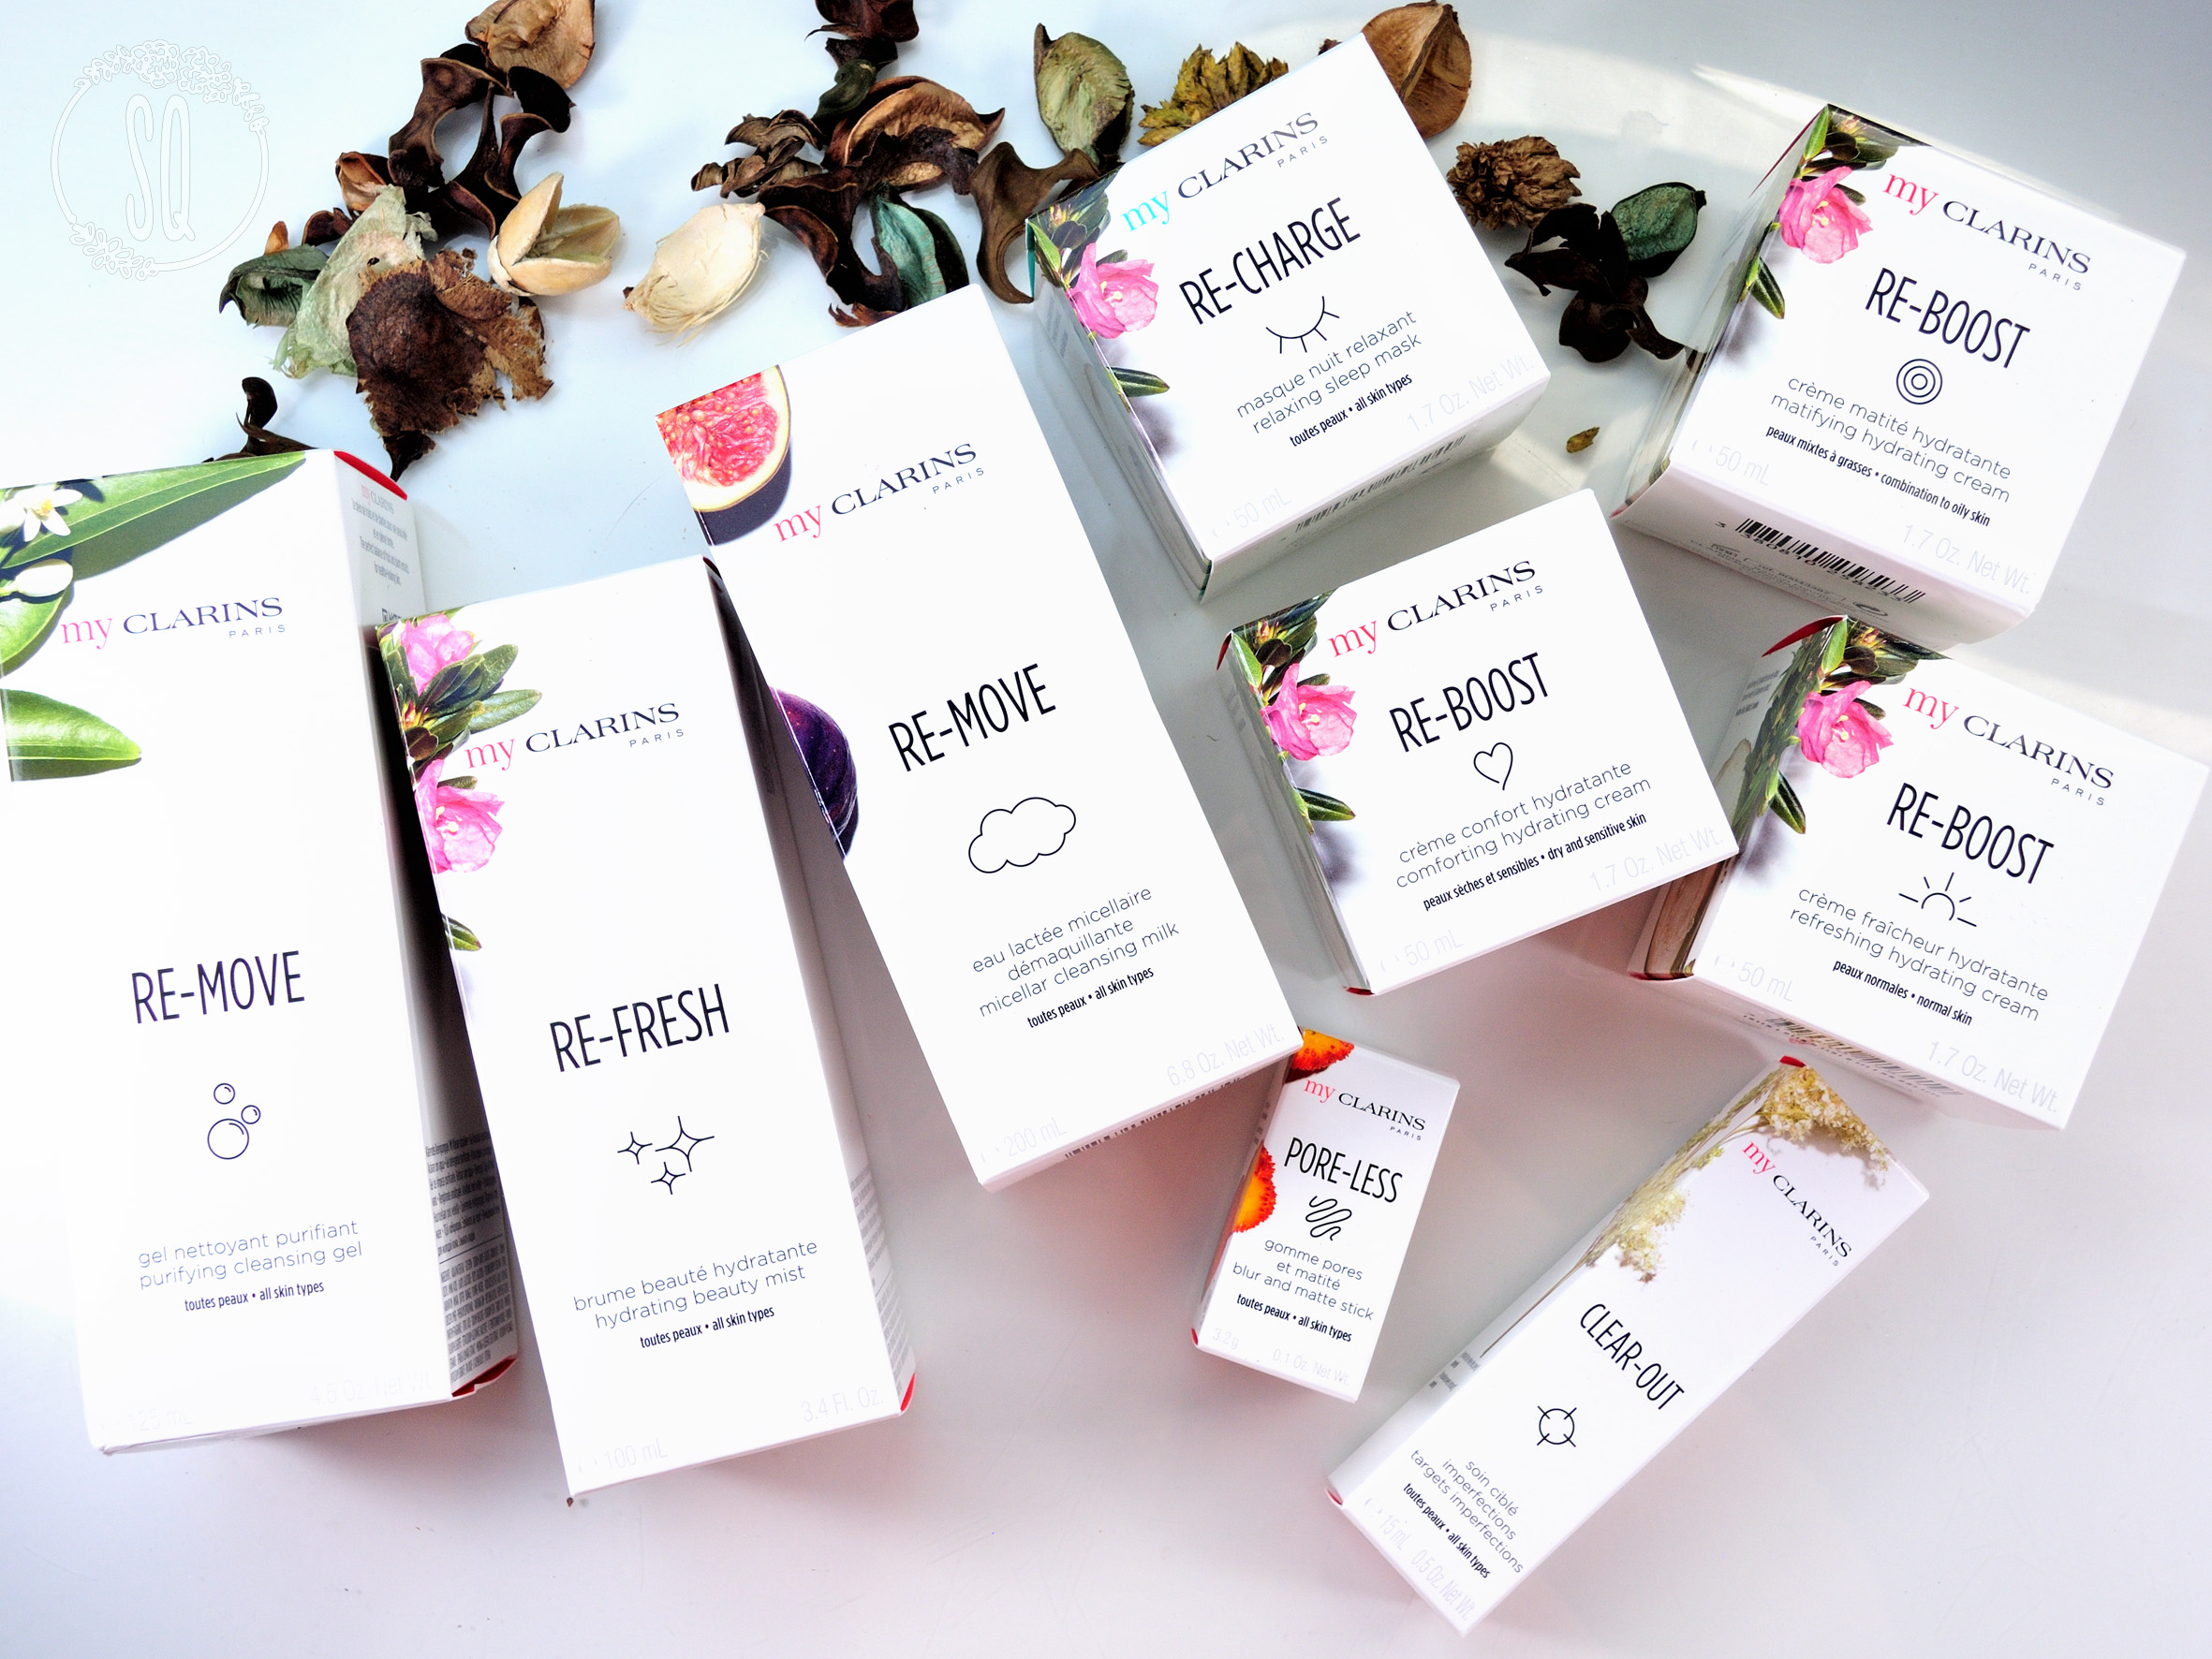 My Clarins, la opción a base de frutas y plantas para el cuidado de la piel